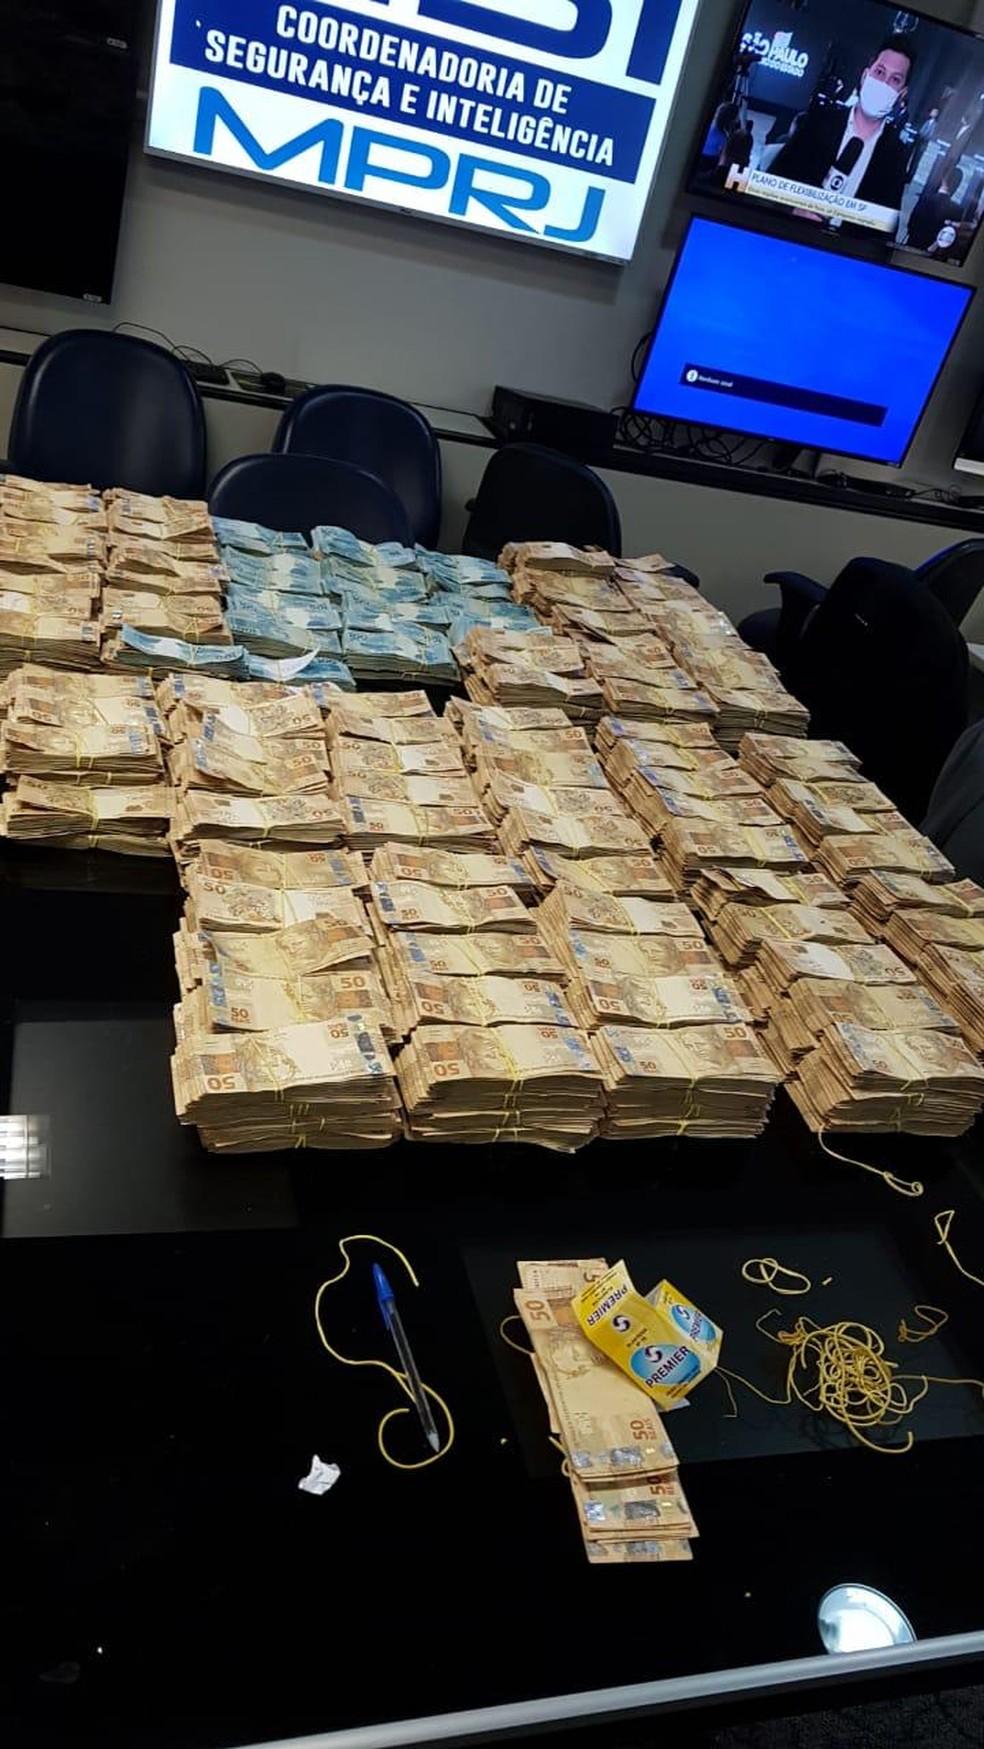 Milhões de reais encontrados em espécie na operação que resultou na prisão de Edmar Santos — Foto: Reprodução